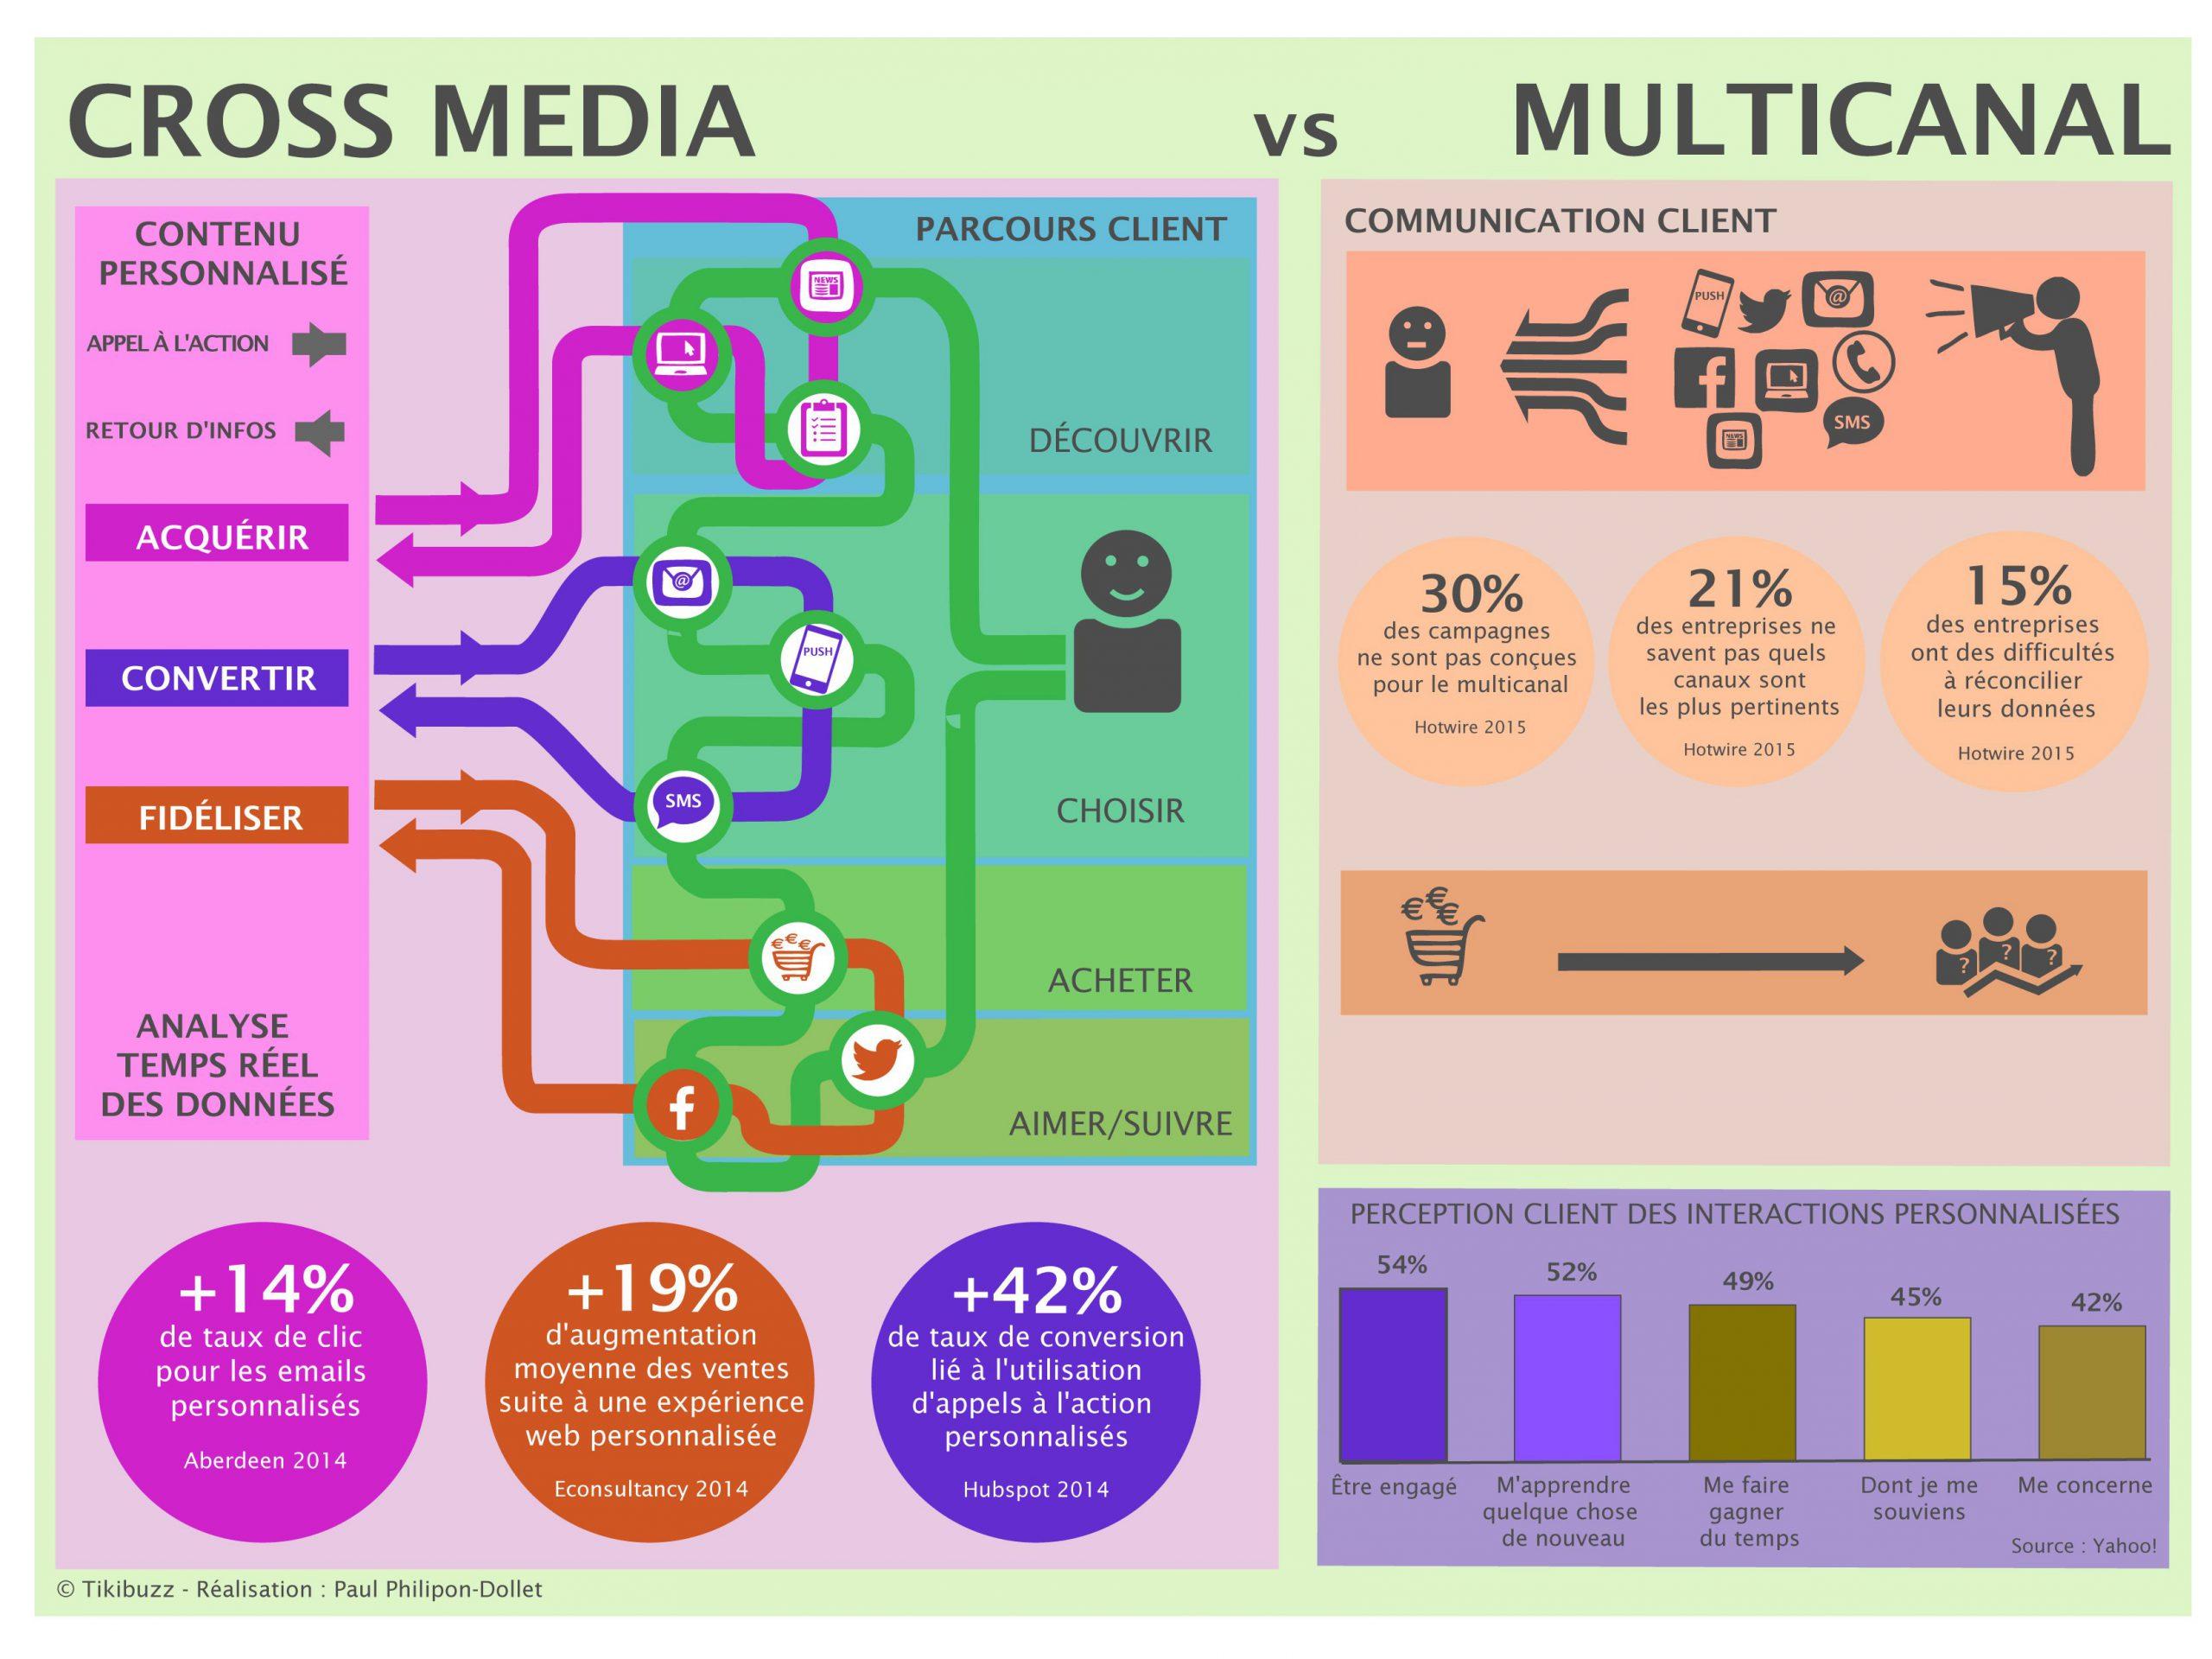 infographie crossmedia